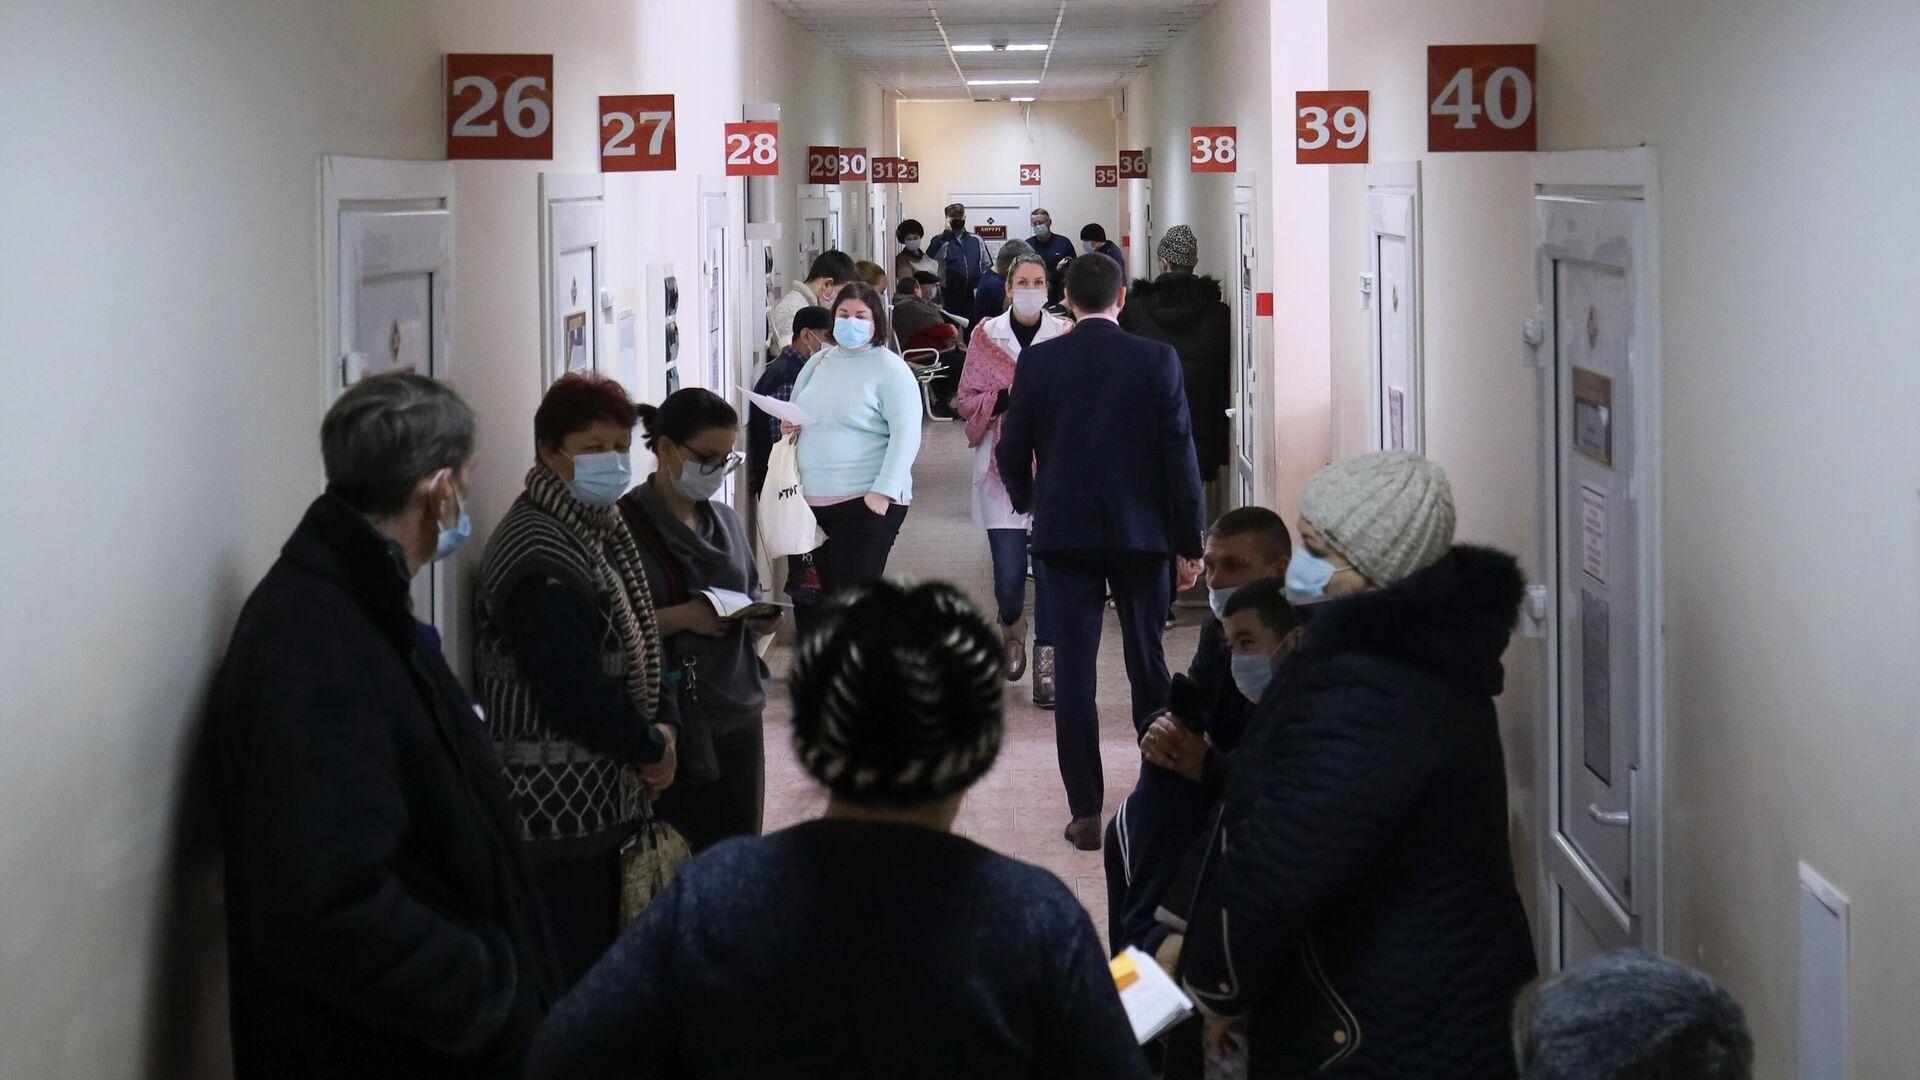 Пациенты в Динской центральной районной больнице, где проходит вакцинация от коронавируса вакциной Спутник-V  - РИА Новости, 1920, 21.06.2021